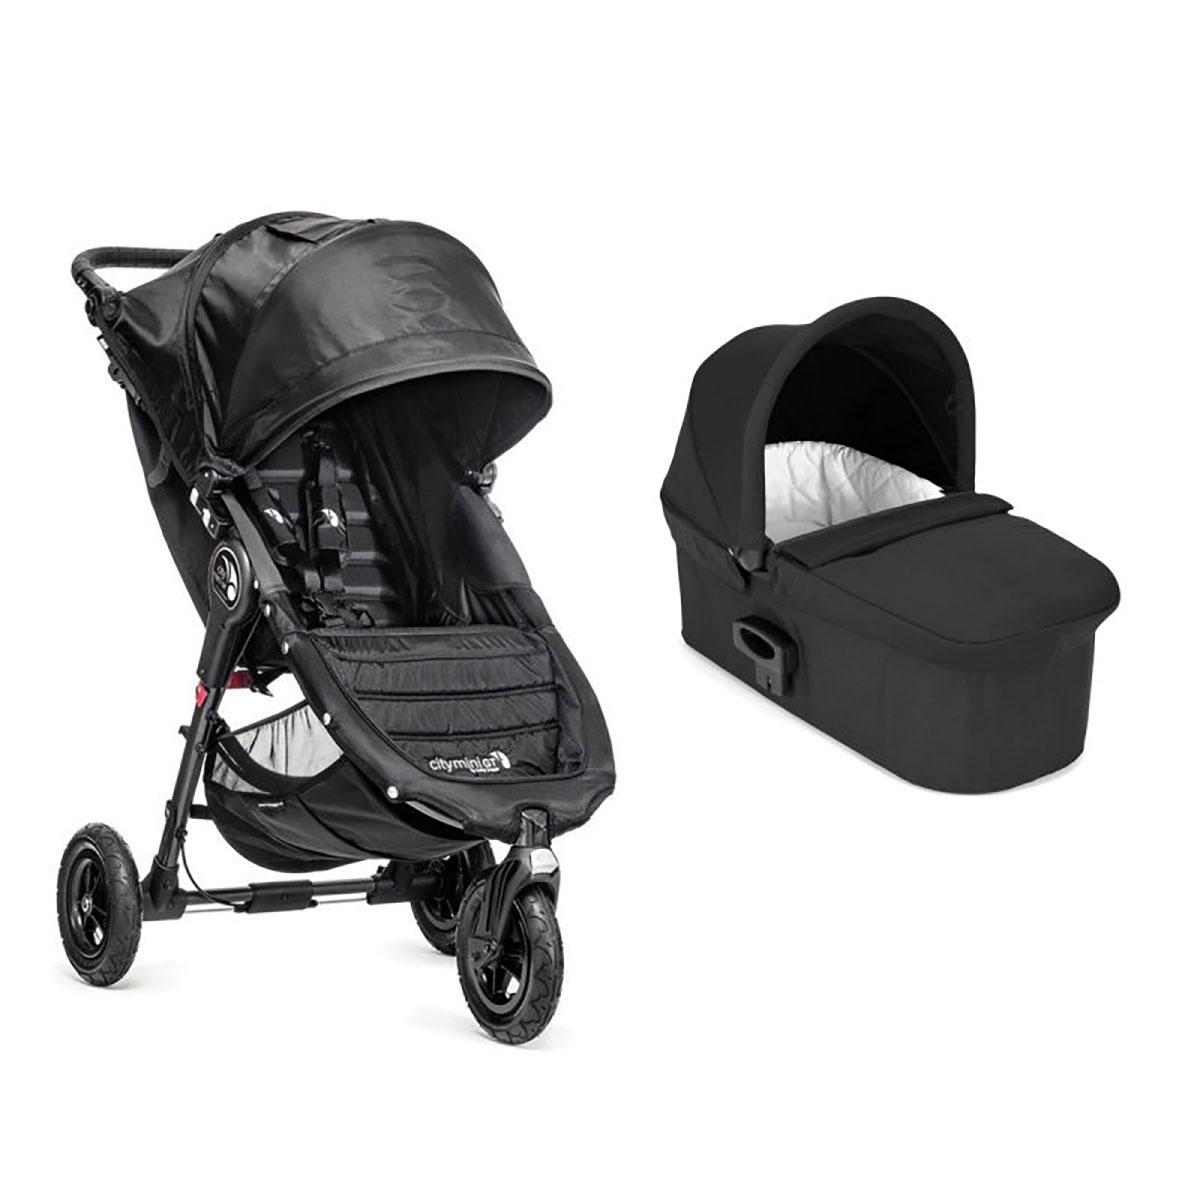 Carucior Baby Jogger City Mini Gt, Black, Sistem 2 In 1